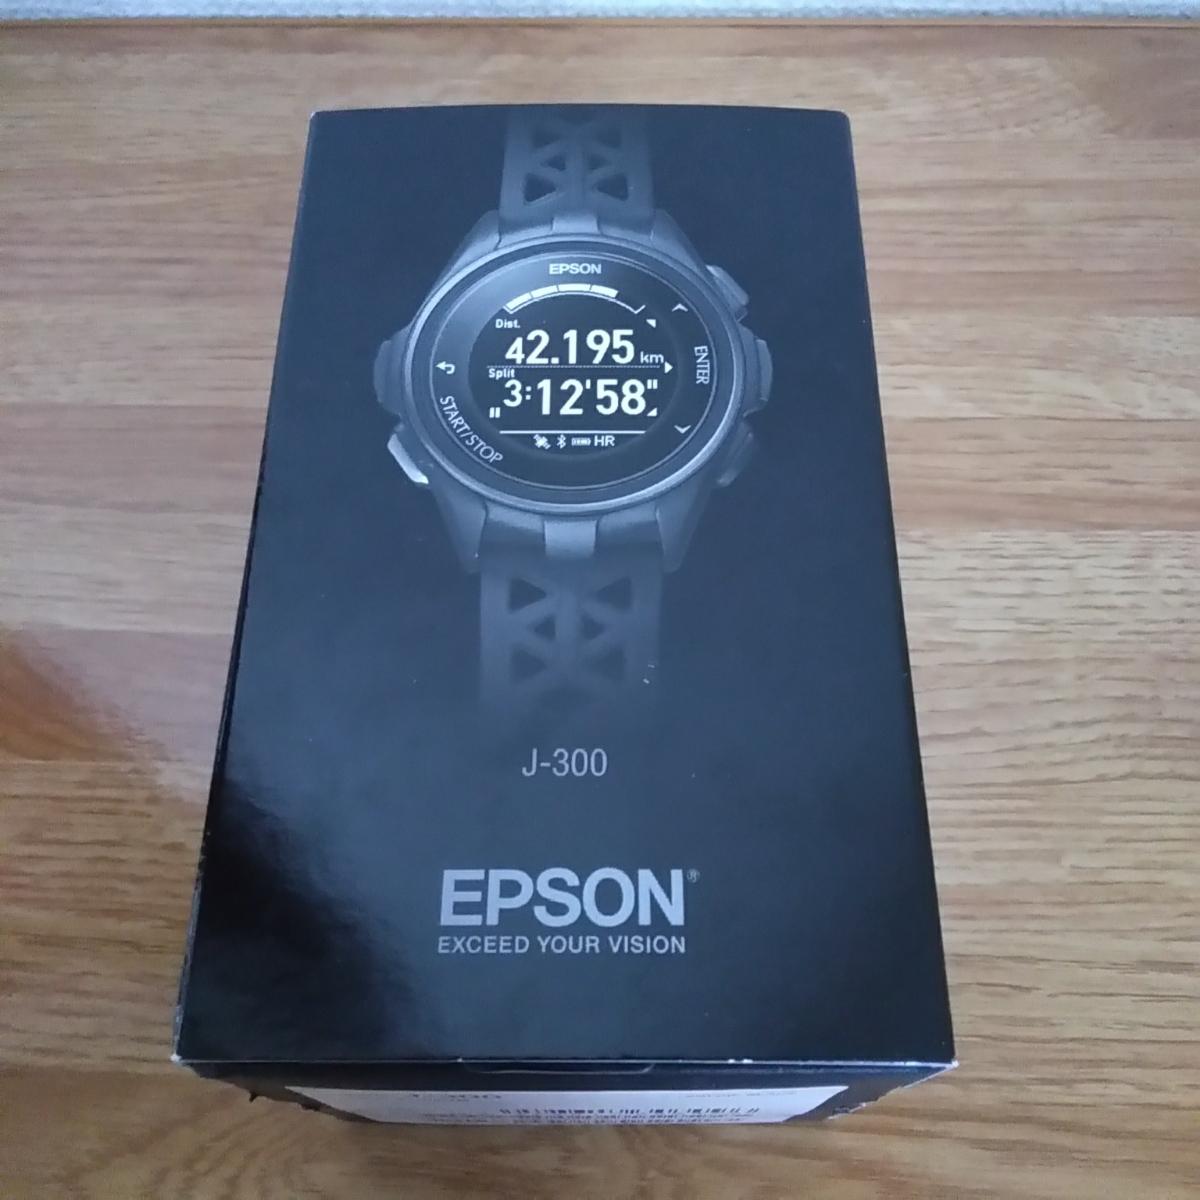 243e1082d0 エプソン リスタブルジーピーエス EPSON Wristable GPS 腕時計 GPS機能 ランニング J-300B 未使用